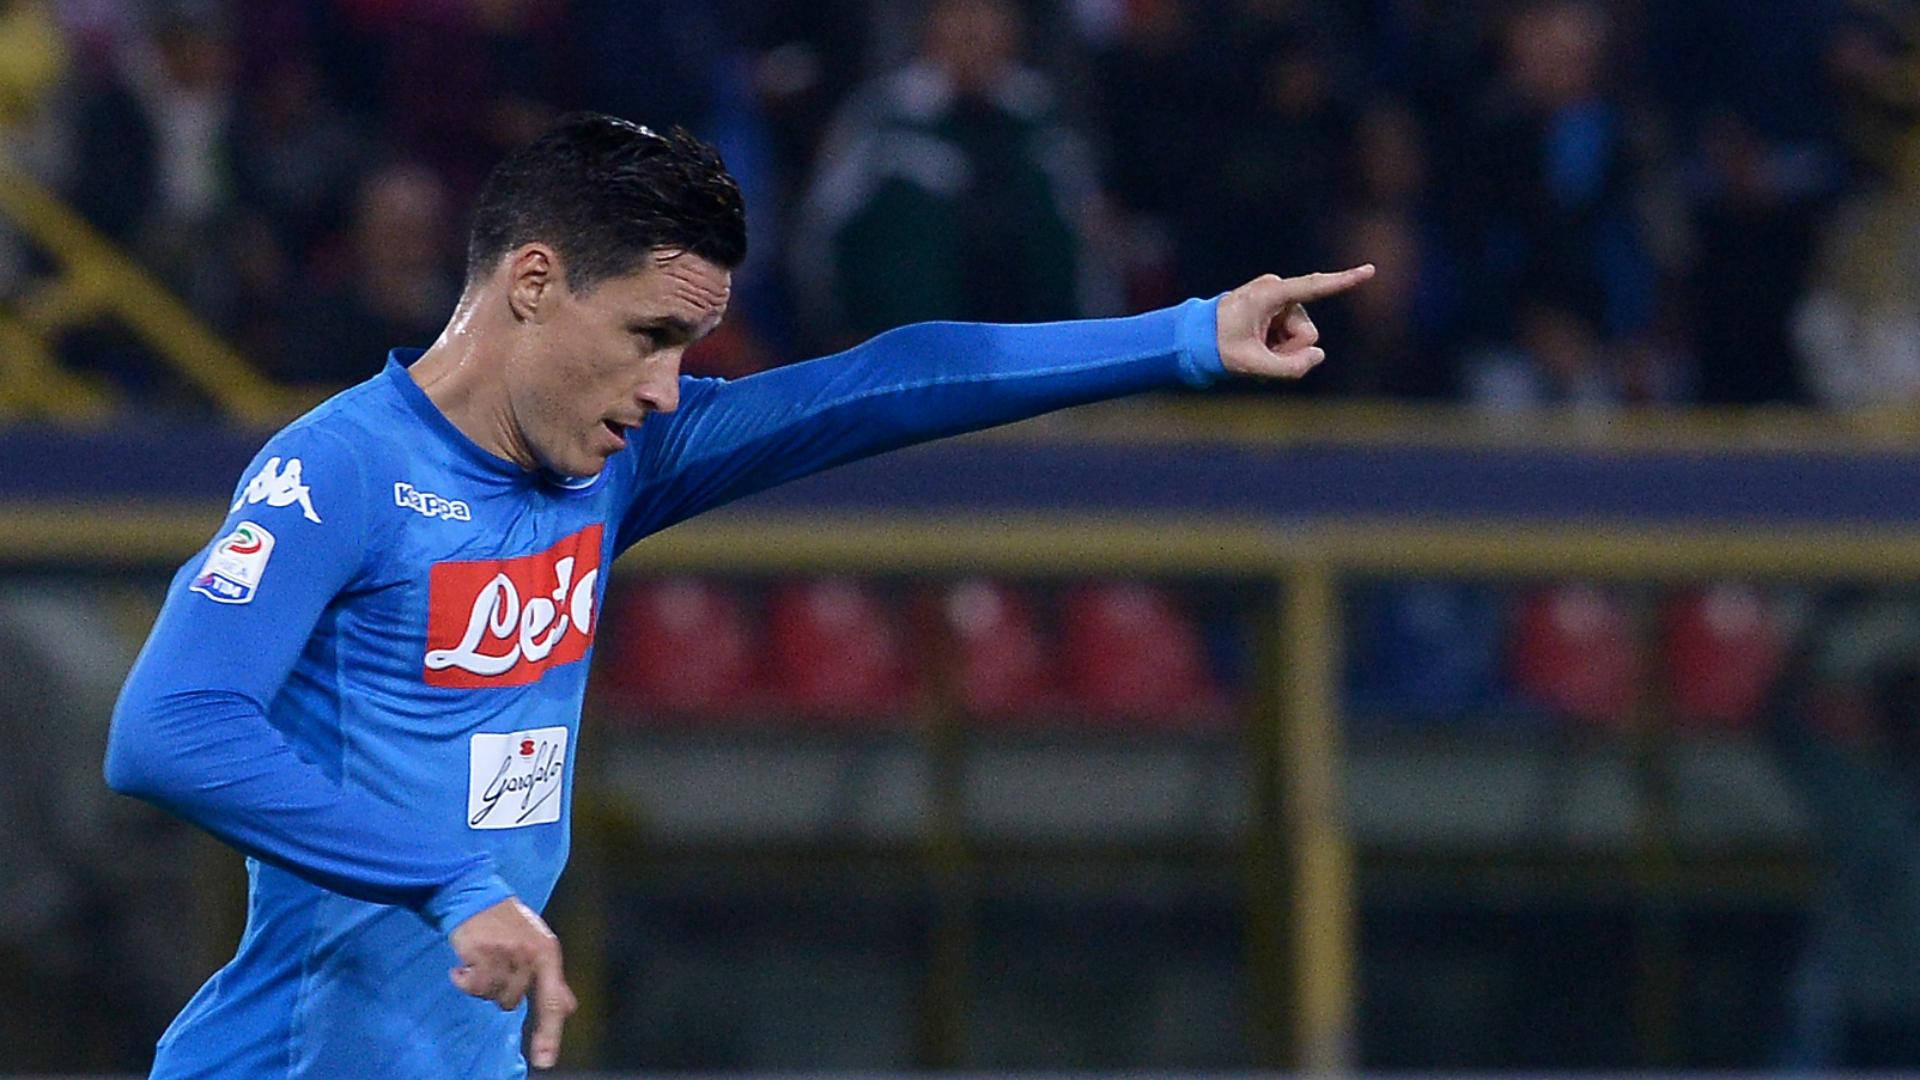 Bologna - test amichevole per affrontare il Napoli